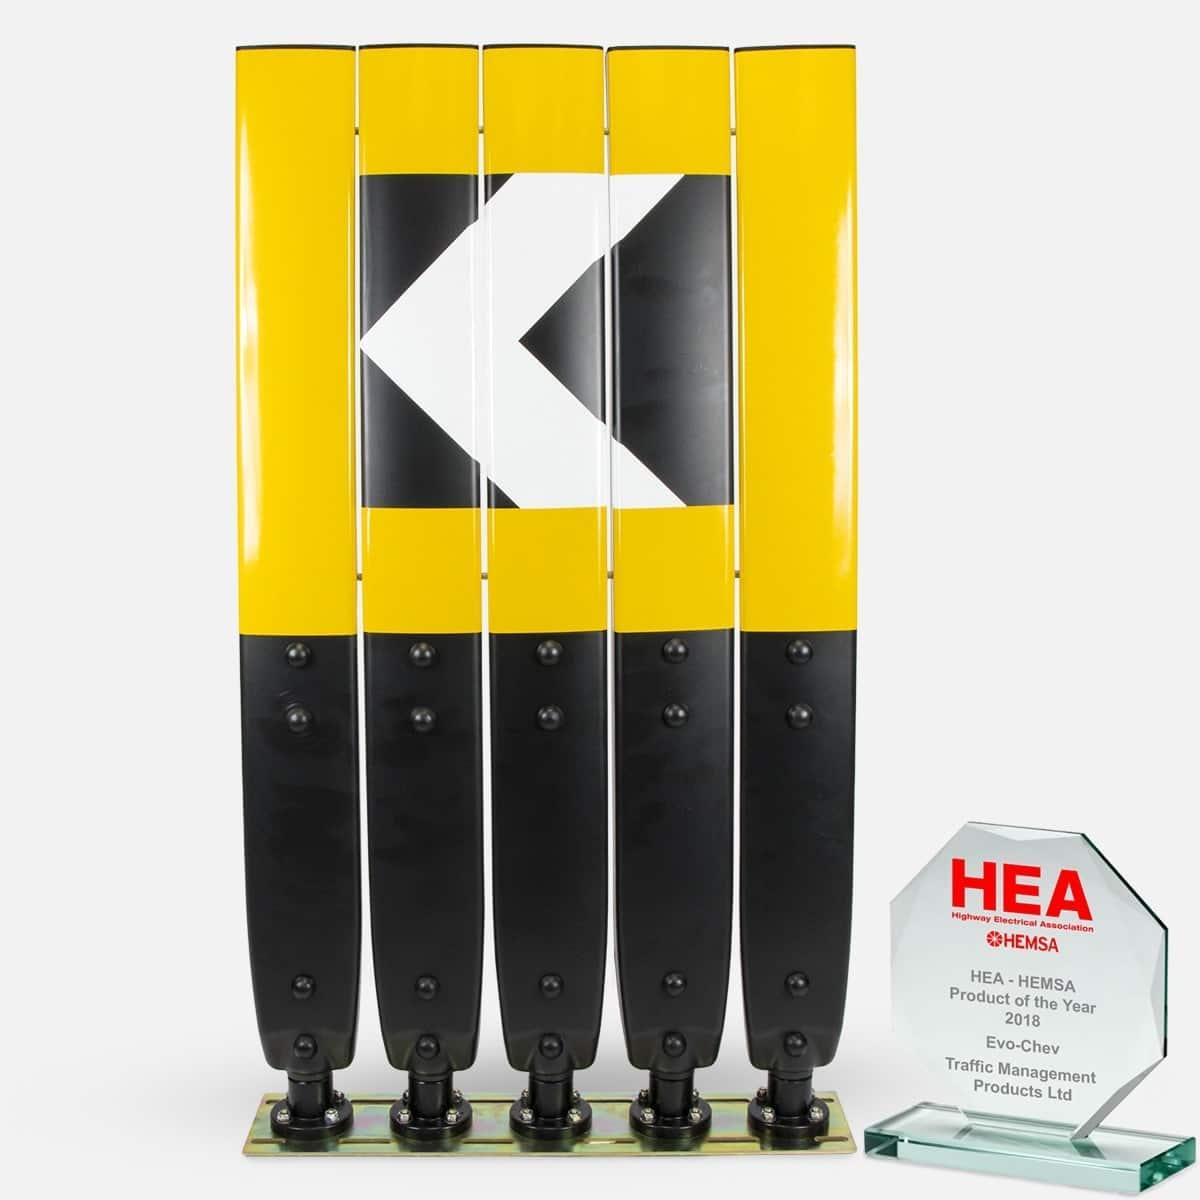 Evo-Chev HEA Winner 2018 Passive Chevron